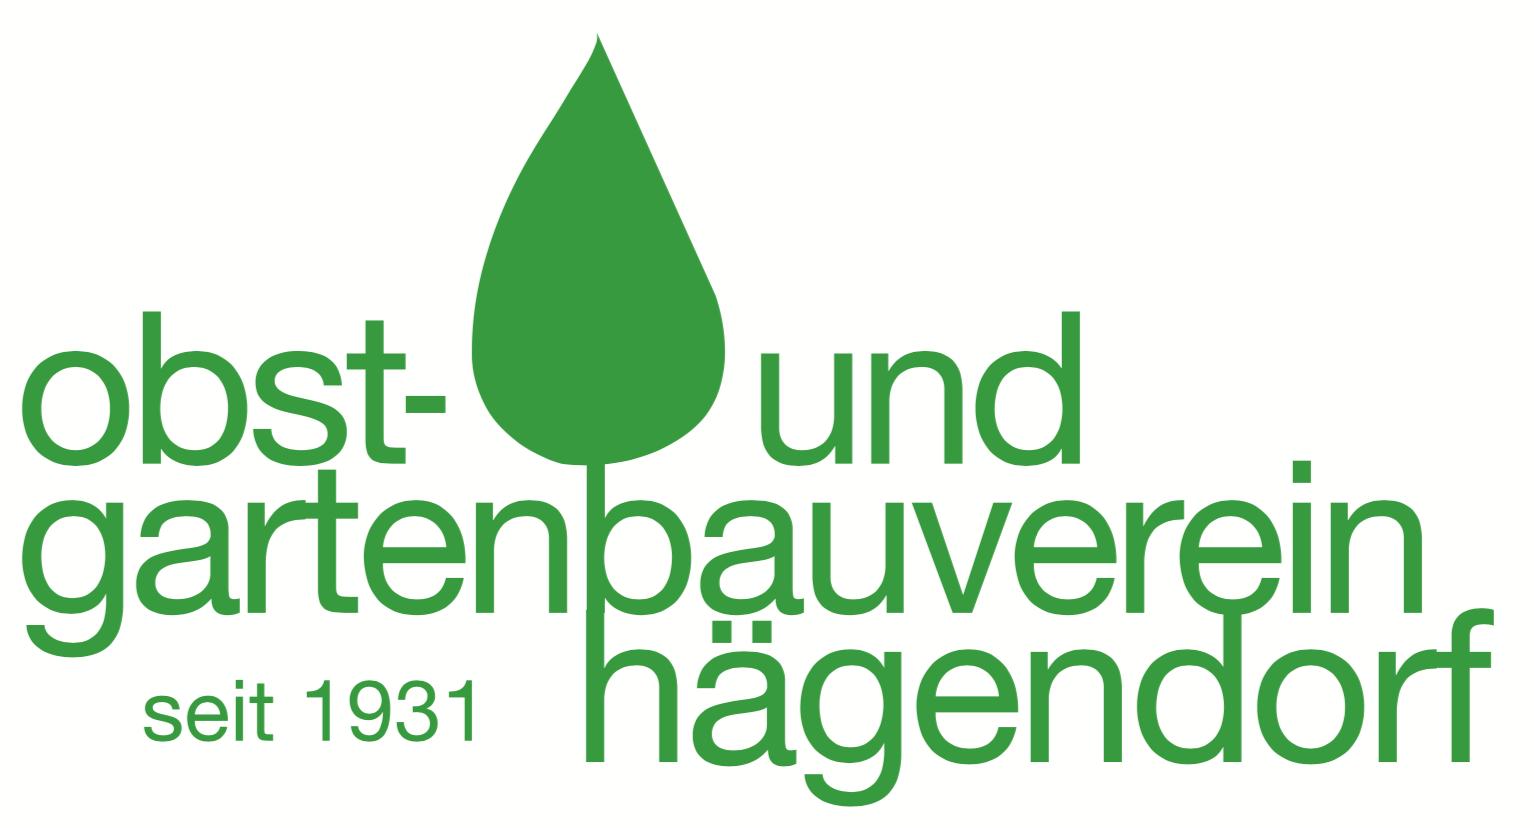 Obst- und Gartenbauverein Hägendorf